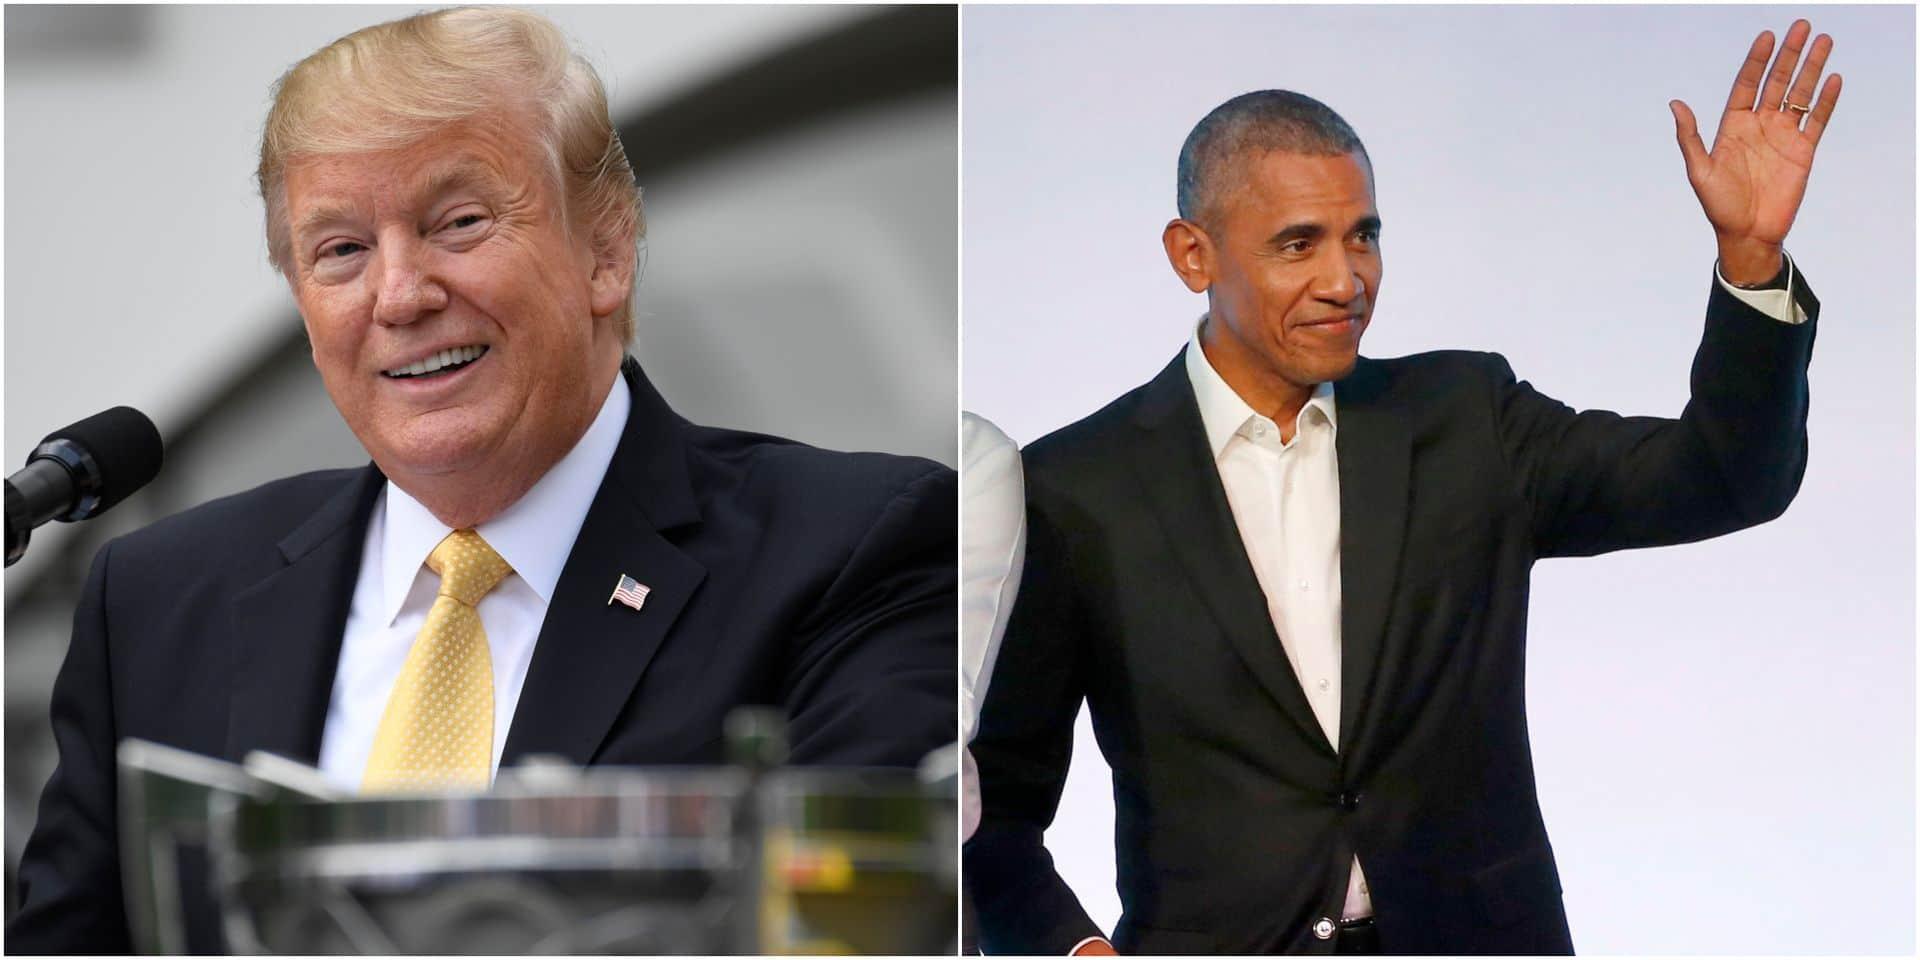 Une série sur Trump réalisée par... Barack Obama